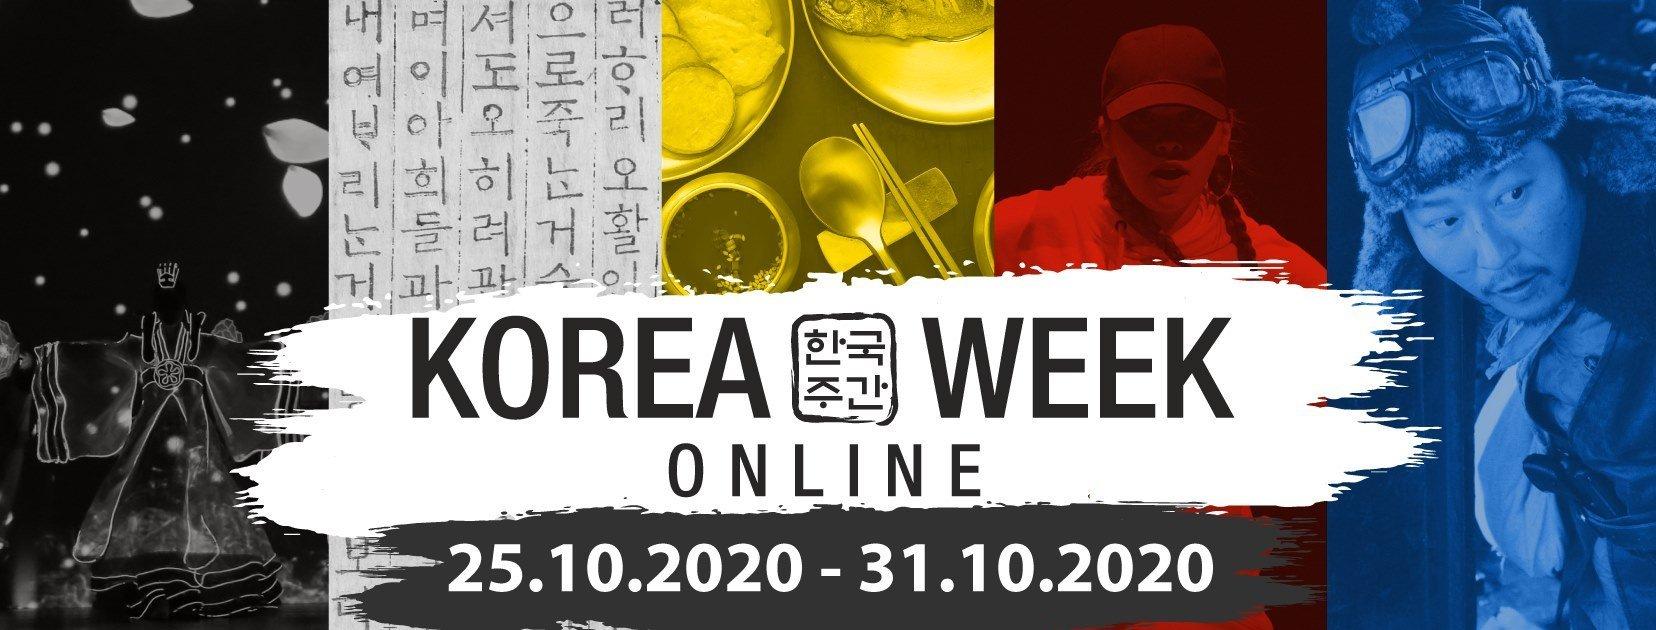 Korea Week Online 2020